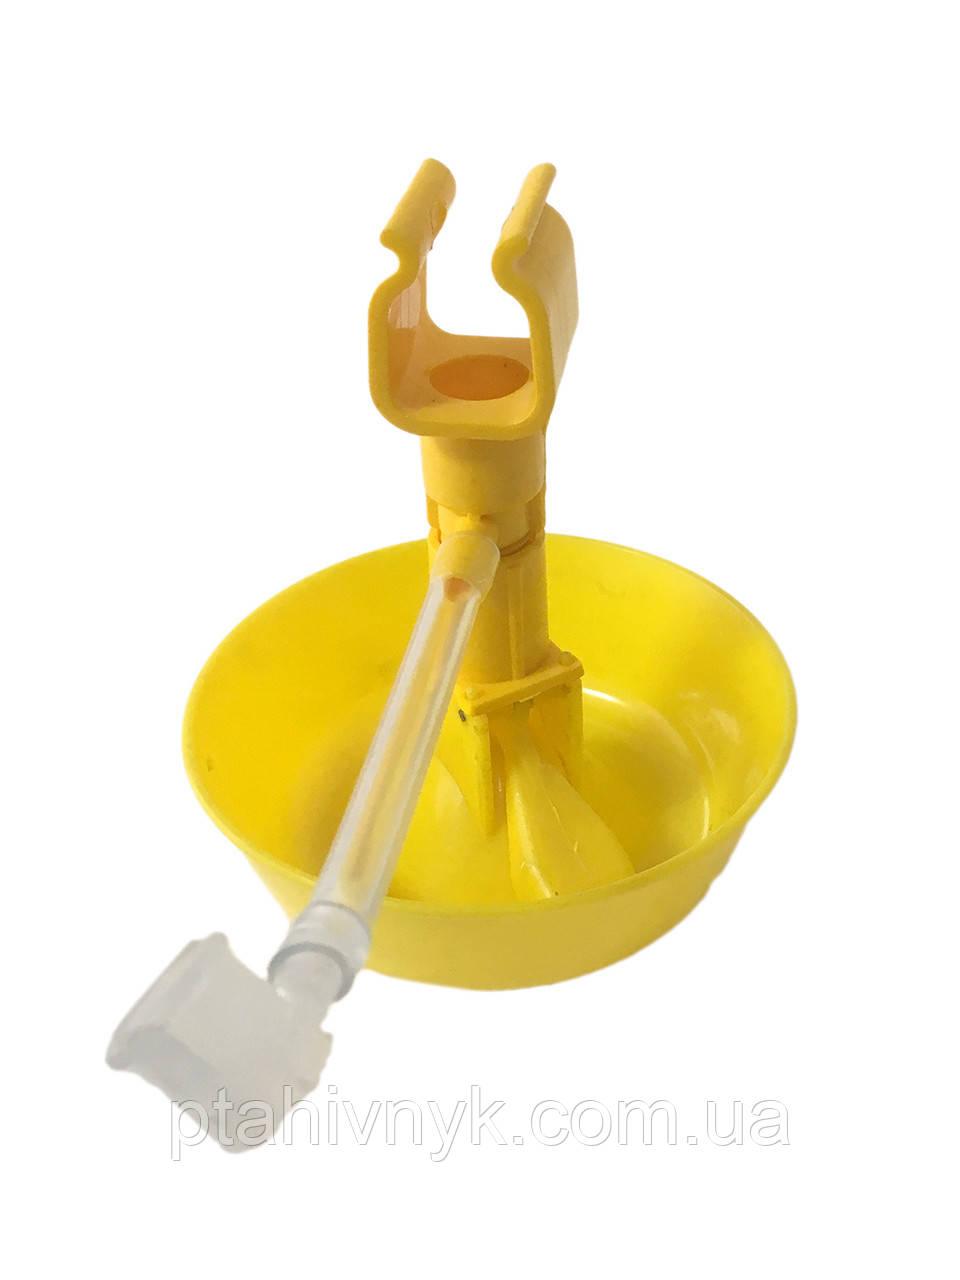 Пружинная чашка маленькая для поения цыплят на квадратную трубу с соединительной трубкой на ниппель